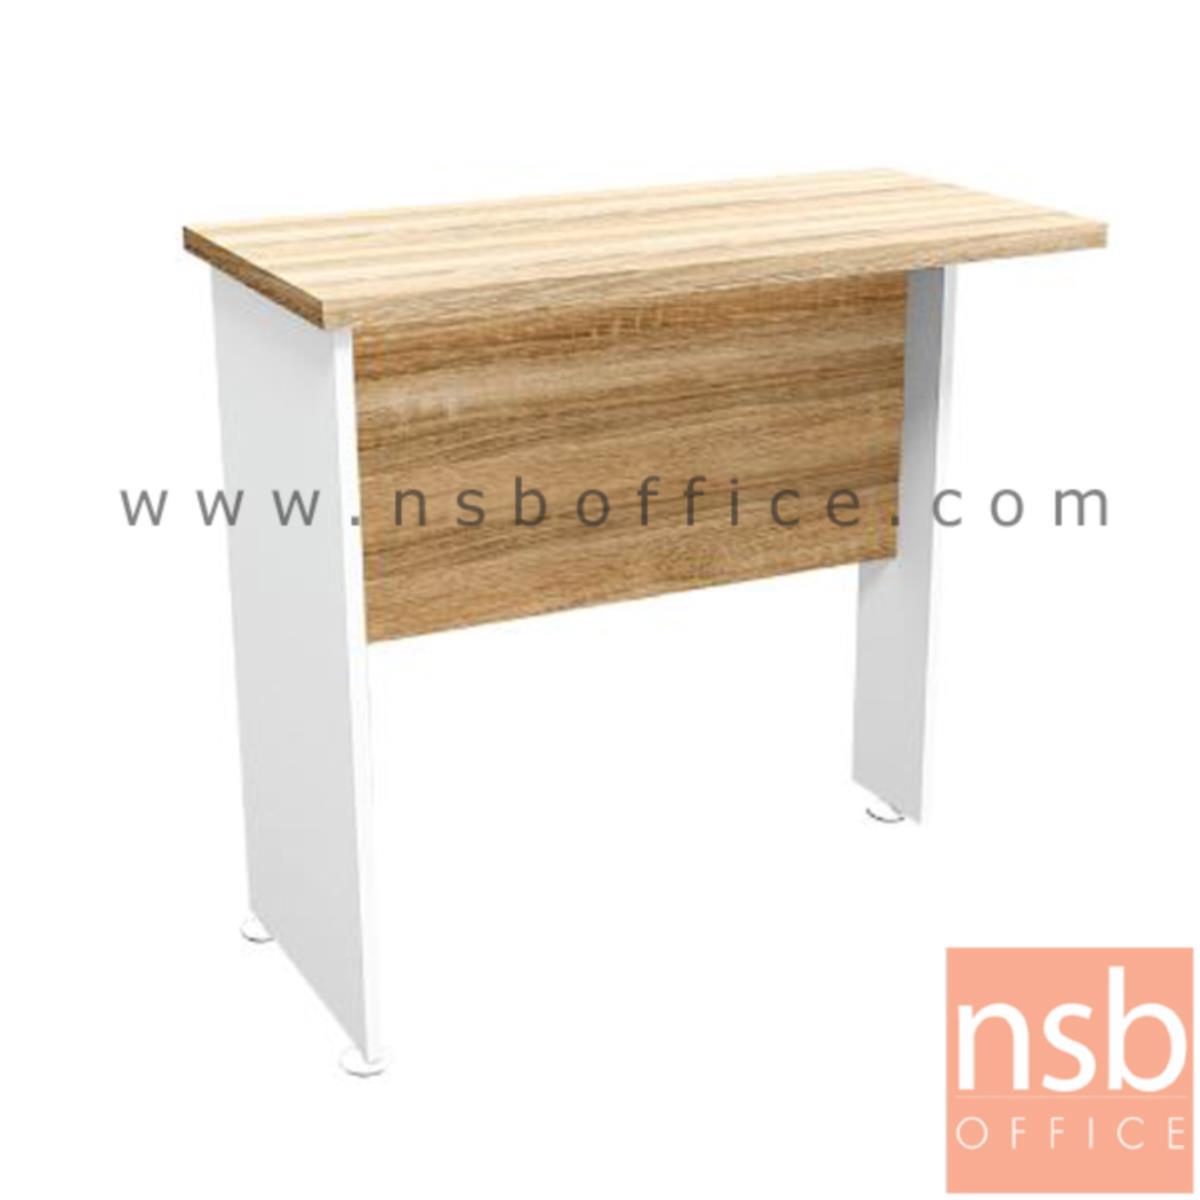 A21A020:โต๊ะเข้ามุม  รุ่น Wonders (วันเดอร์ส) ขนาด 80W cm. เมลามีน สีเนเจอร์ทีค-ขาว